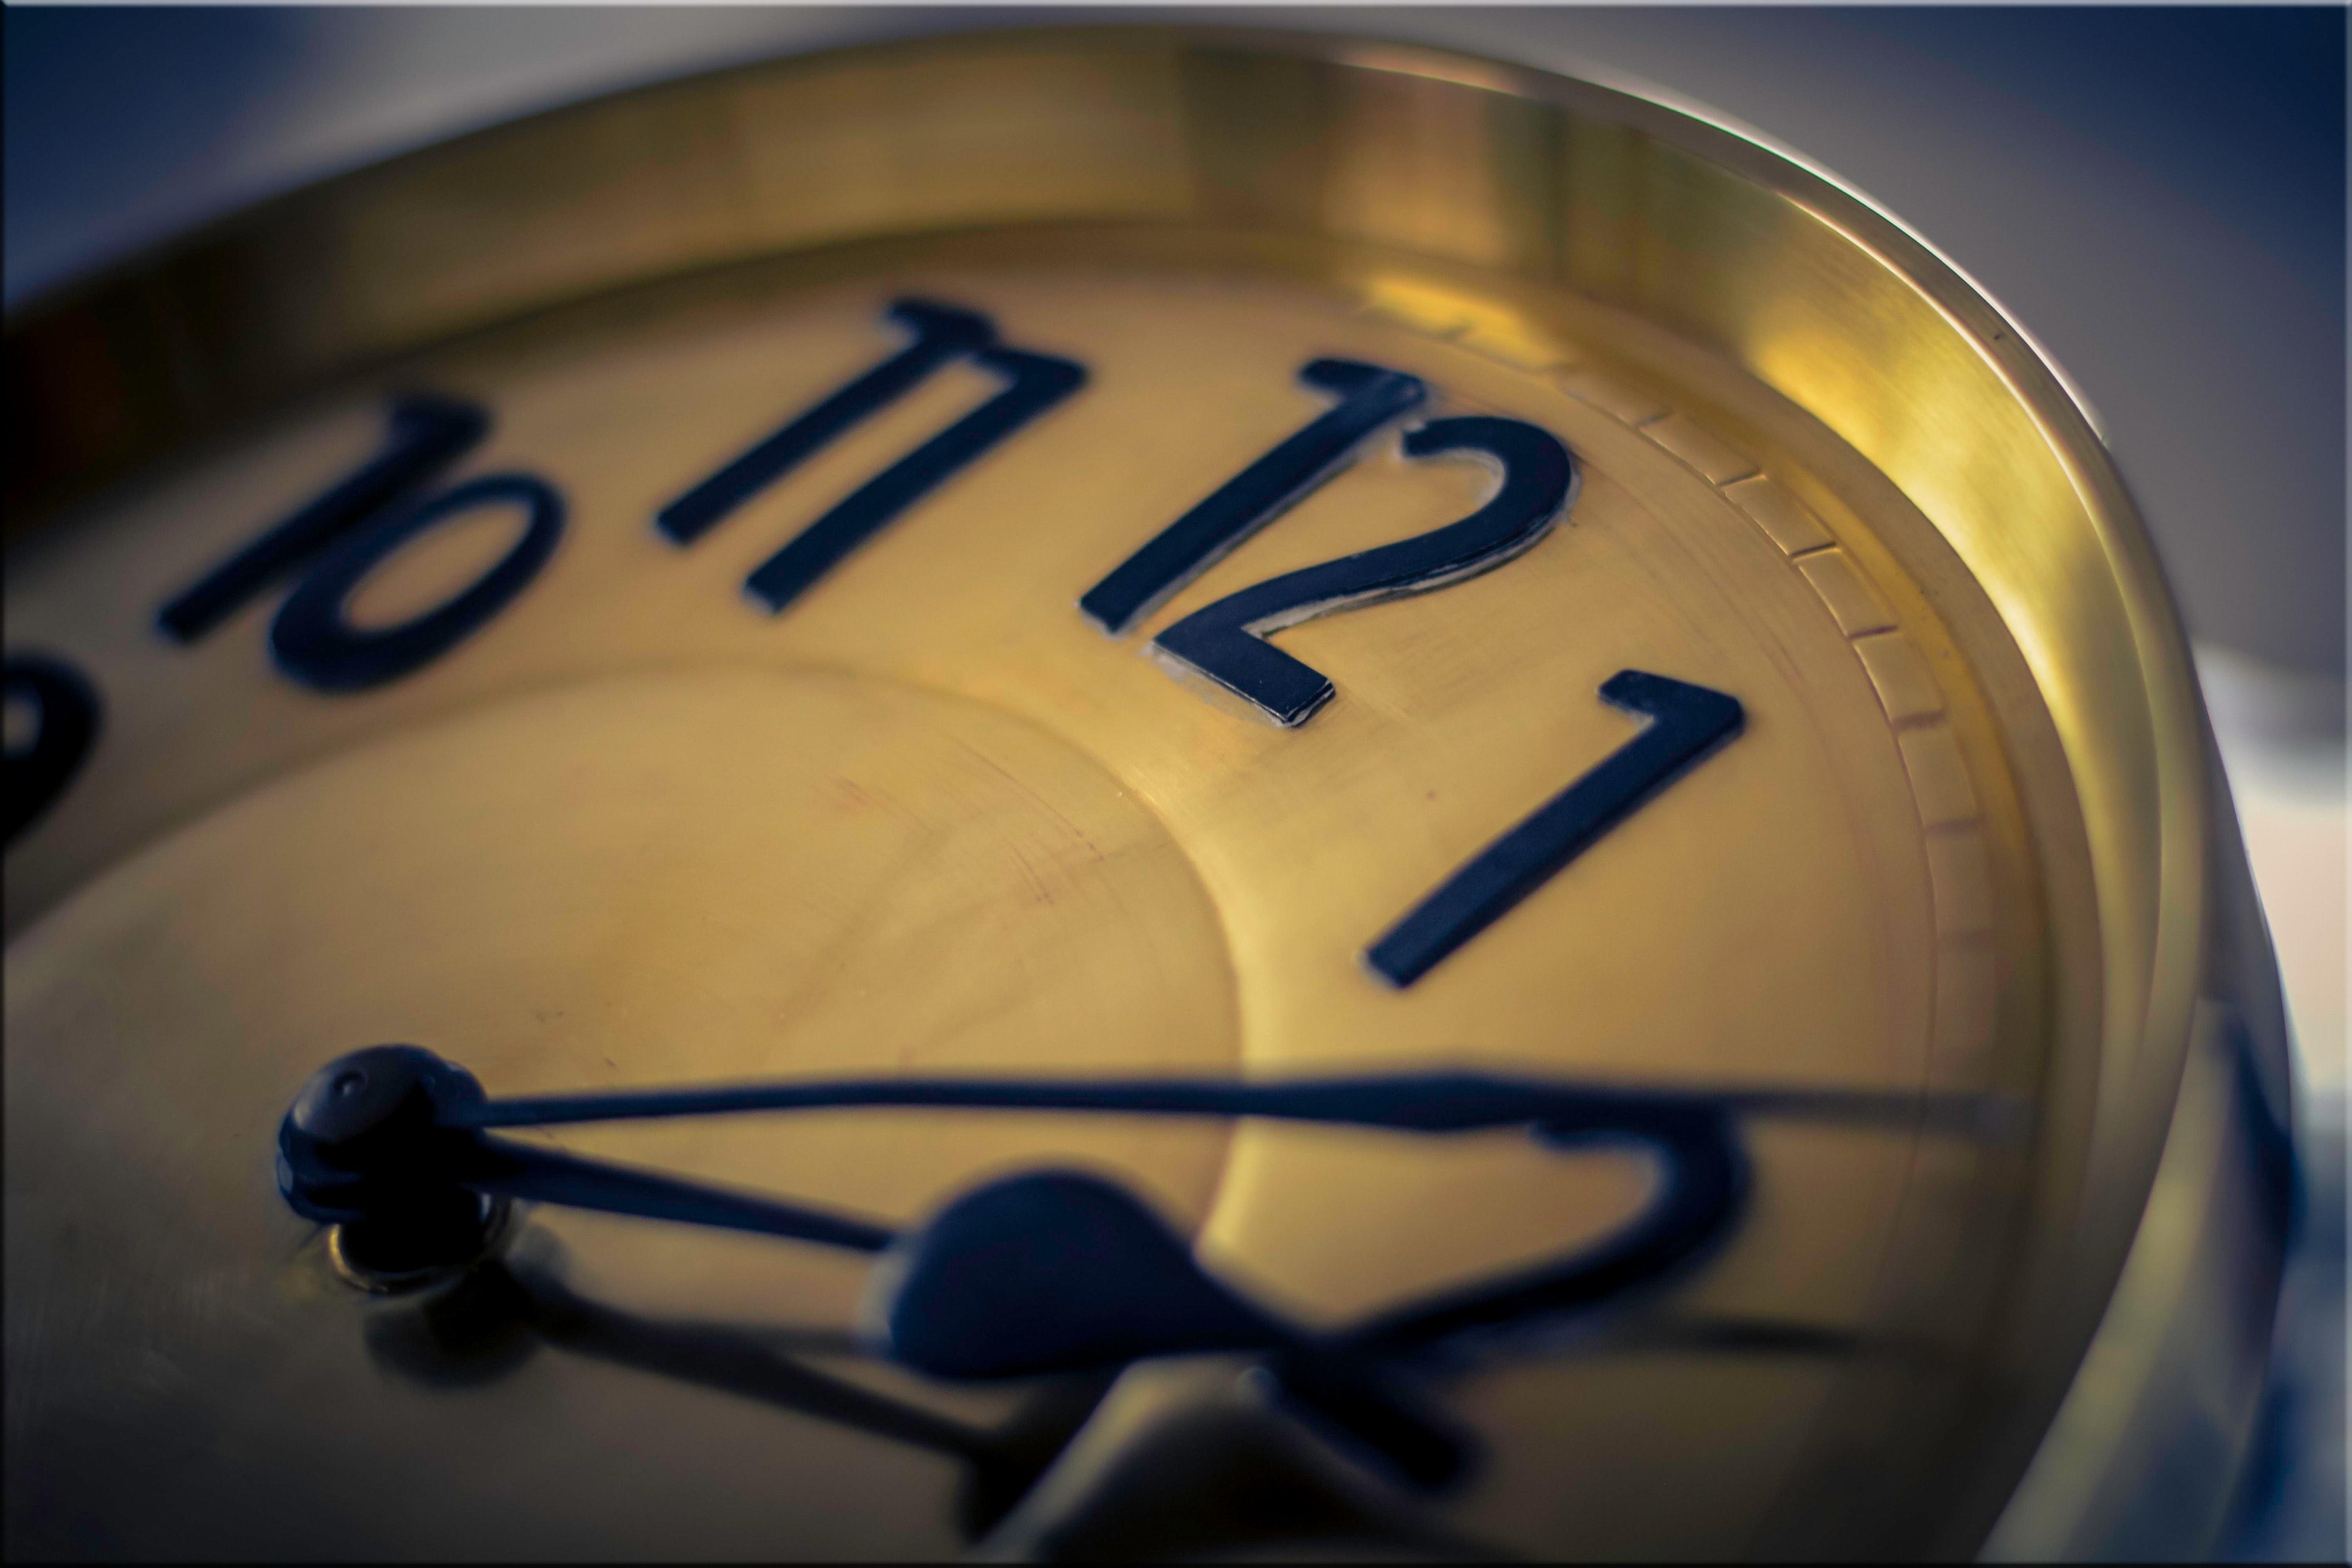 Nous avons un temps limité, la vie est courte